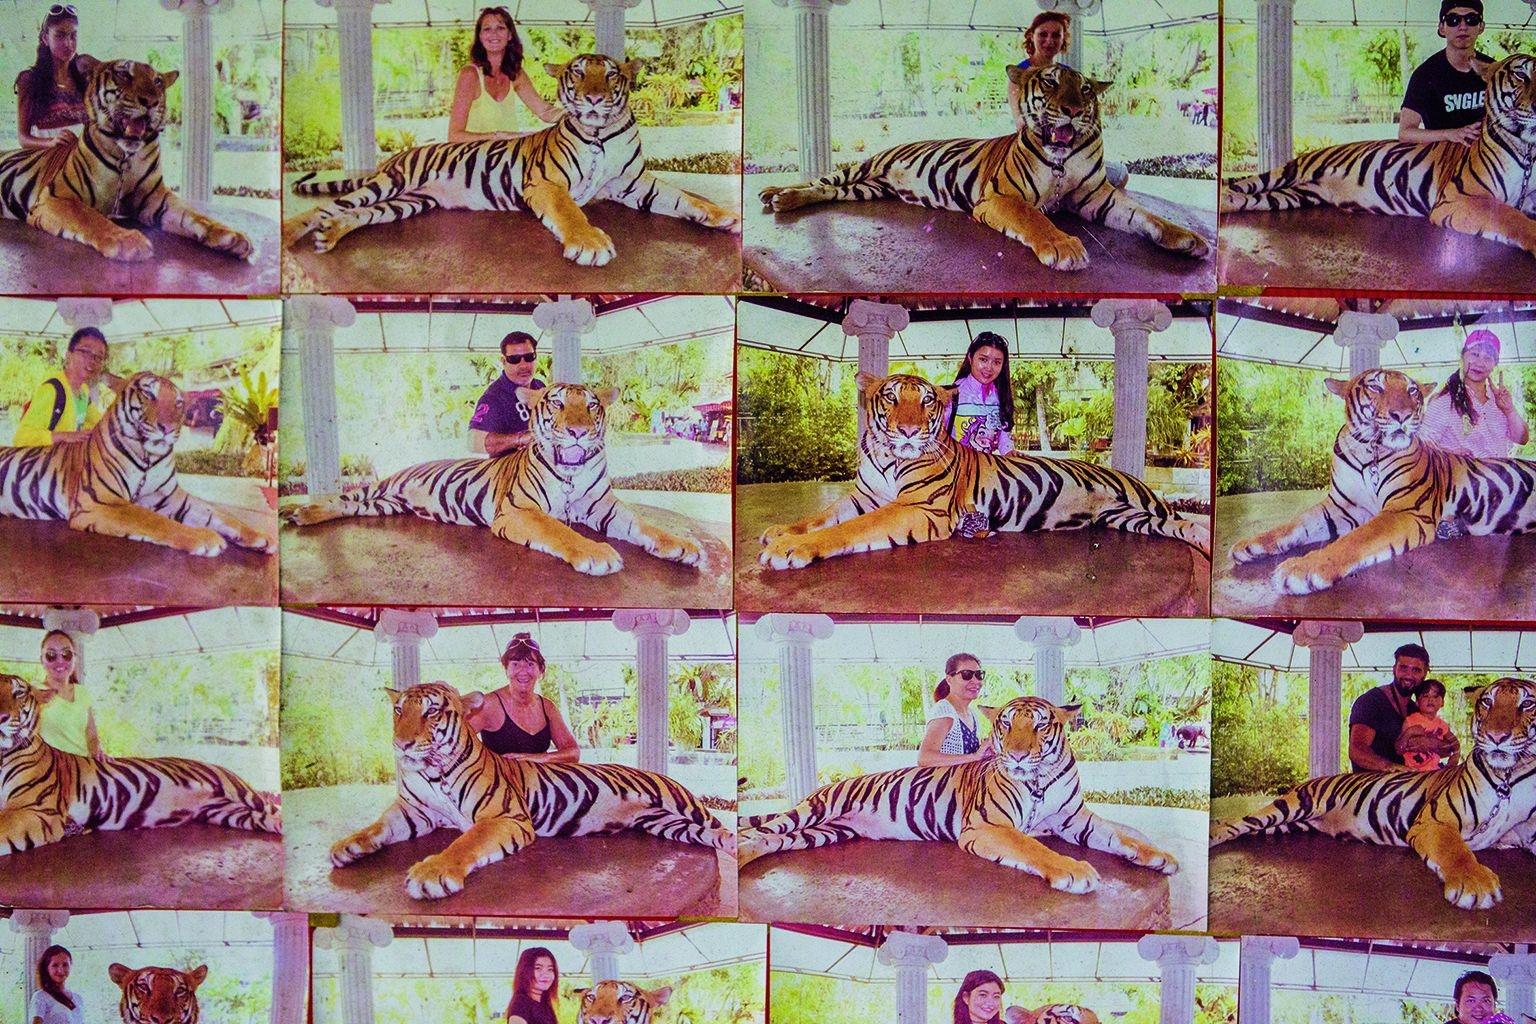 遊客付十美元就能與泰國普吉動物園的這頭老虎拍照。這裡的展示板上貼著紀念照樣本。這頭老虎被短鏈拴住,站不起來。為了保護與老虎照相的人,老虎可能會被除去爪子或是被下藥。攝影: 柯爾斯登. 魯斯 KIRSTEN LUCE